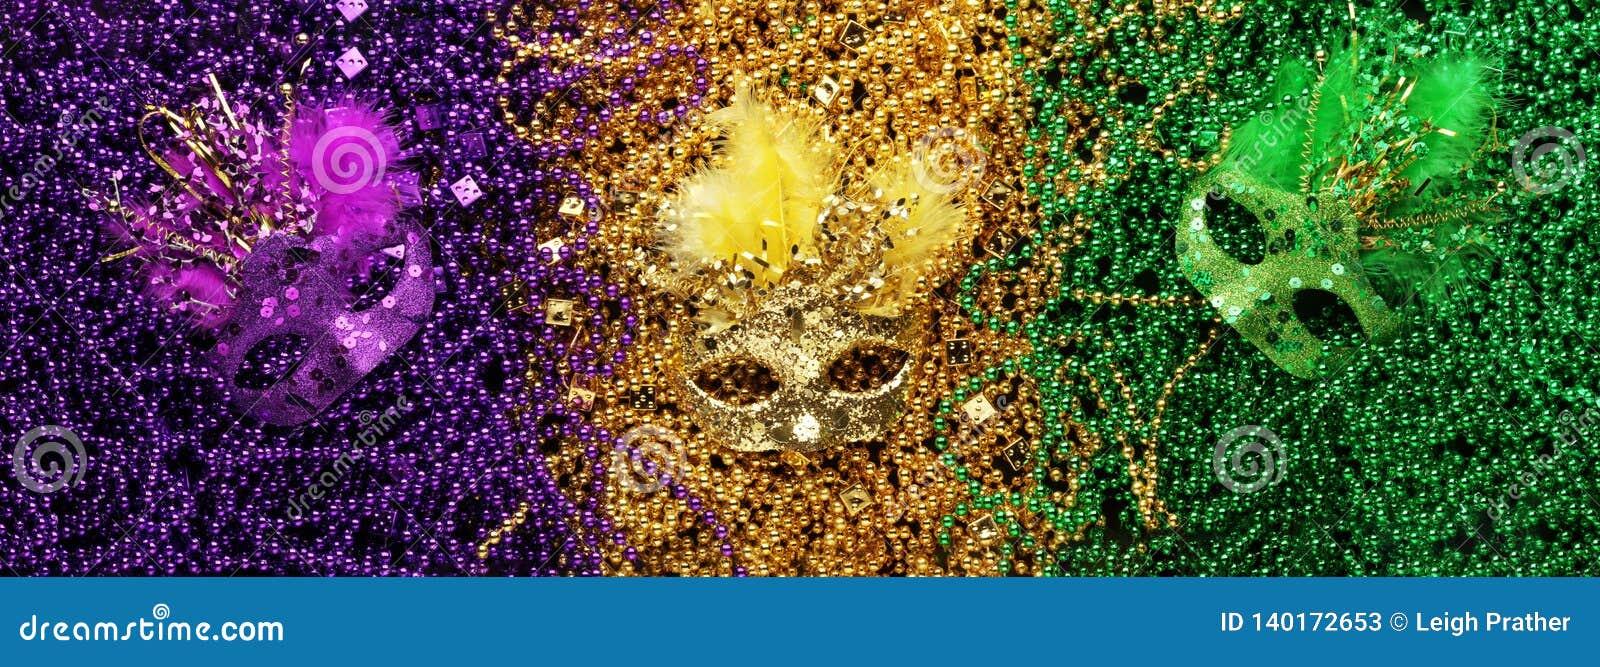 Purpurfärgade, guld- och gröna Mardi Gras pärlor och maskeringar